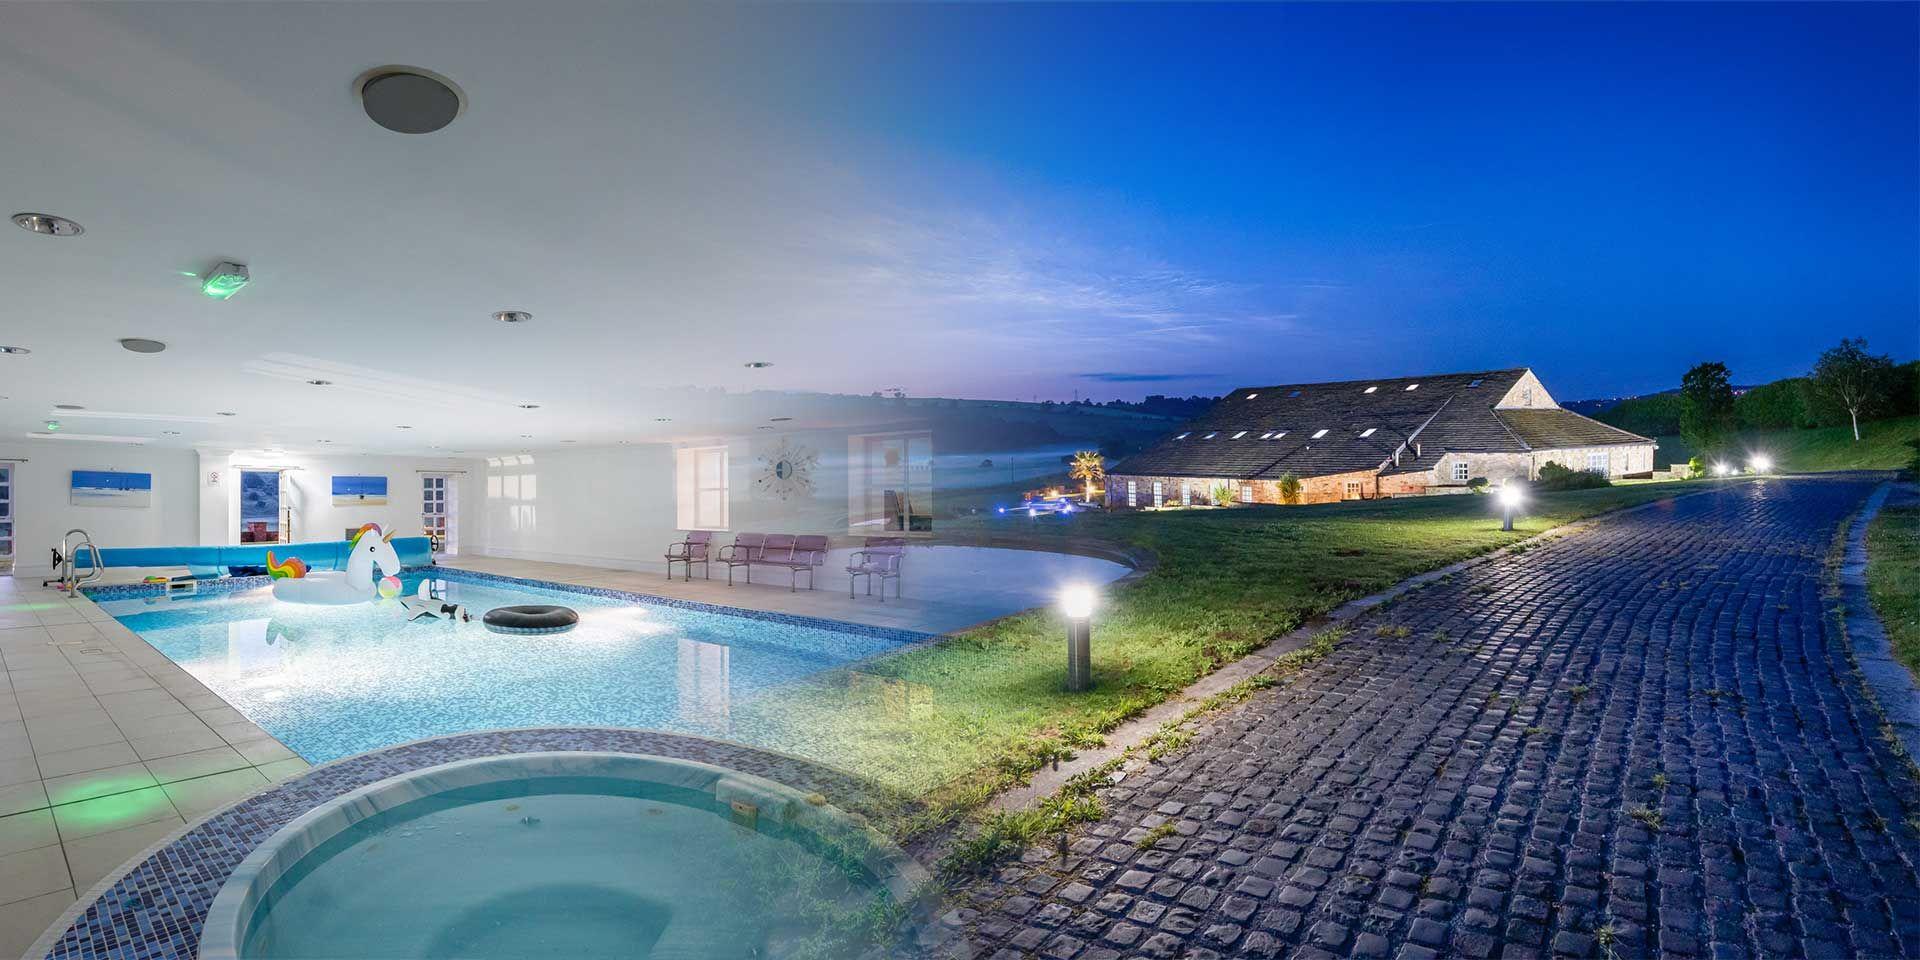 Newpoolpartybarntitle pool hot tub outdoor indoor